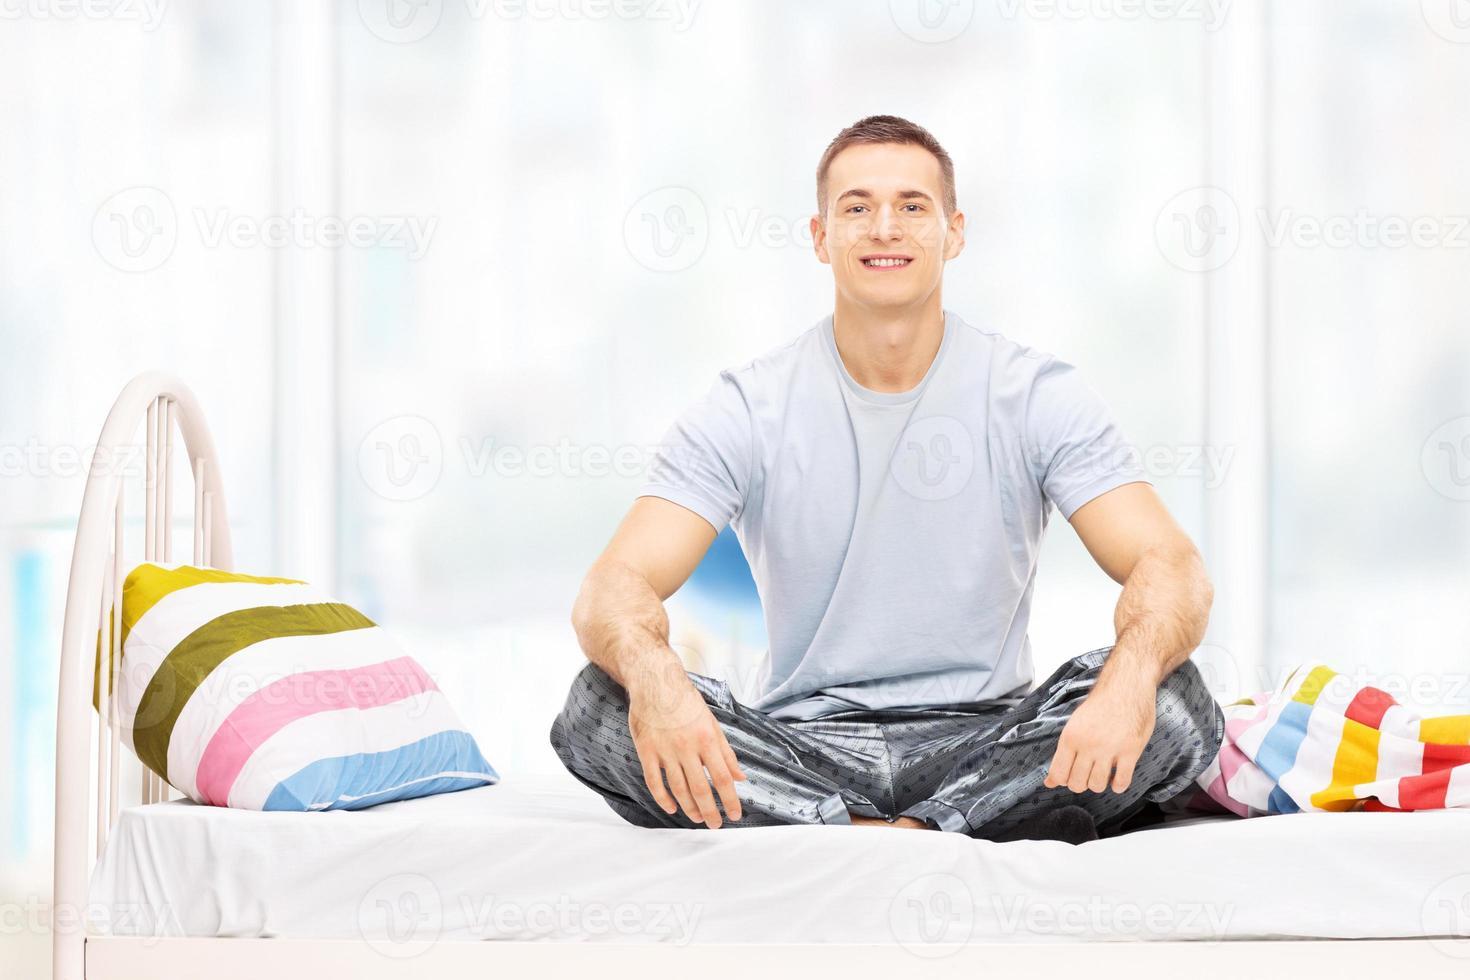 giovane in pigiama seduto su un letto foto